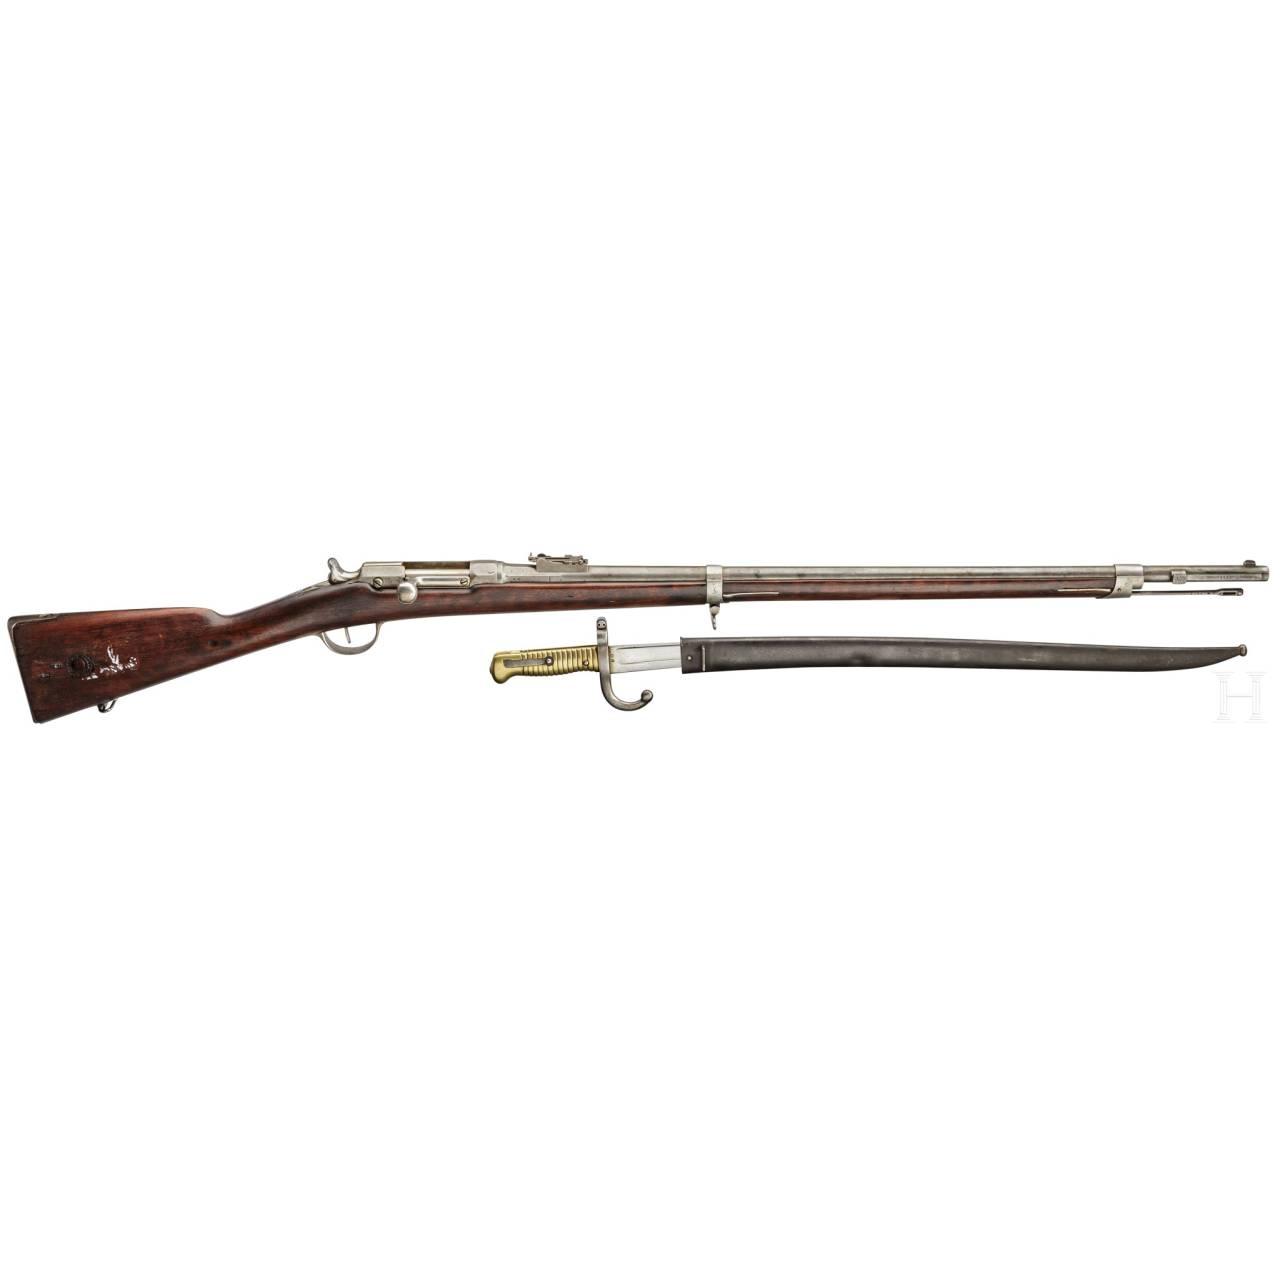 Infanteriegewehr Chassepot M 1866